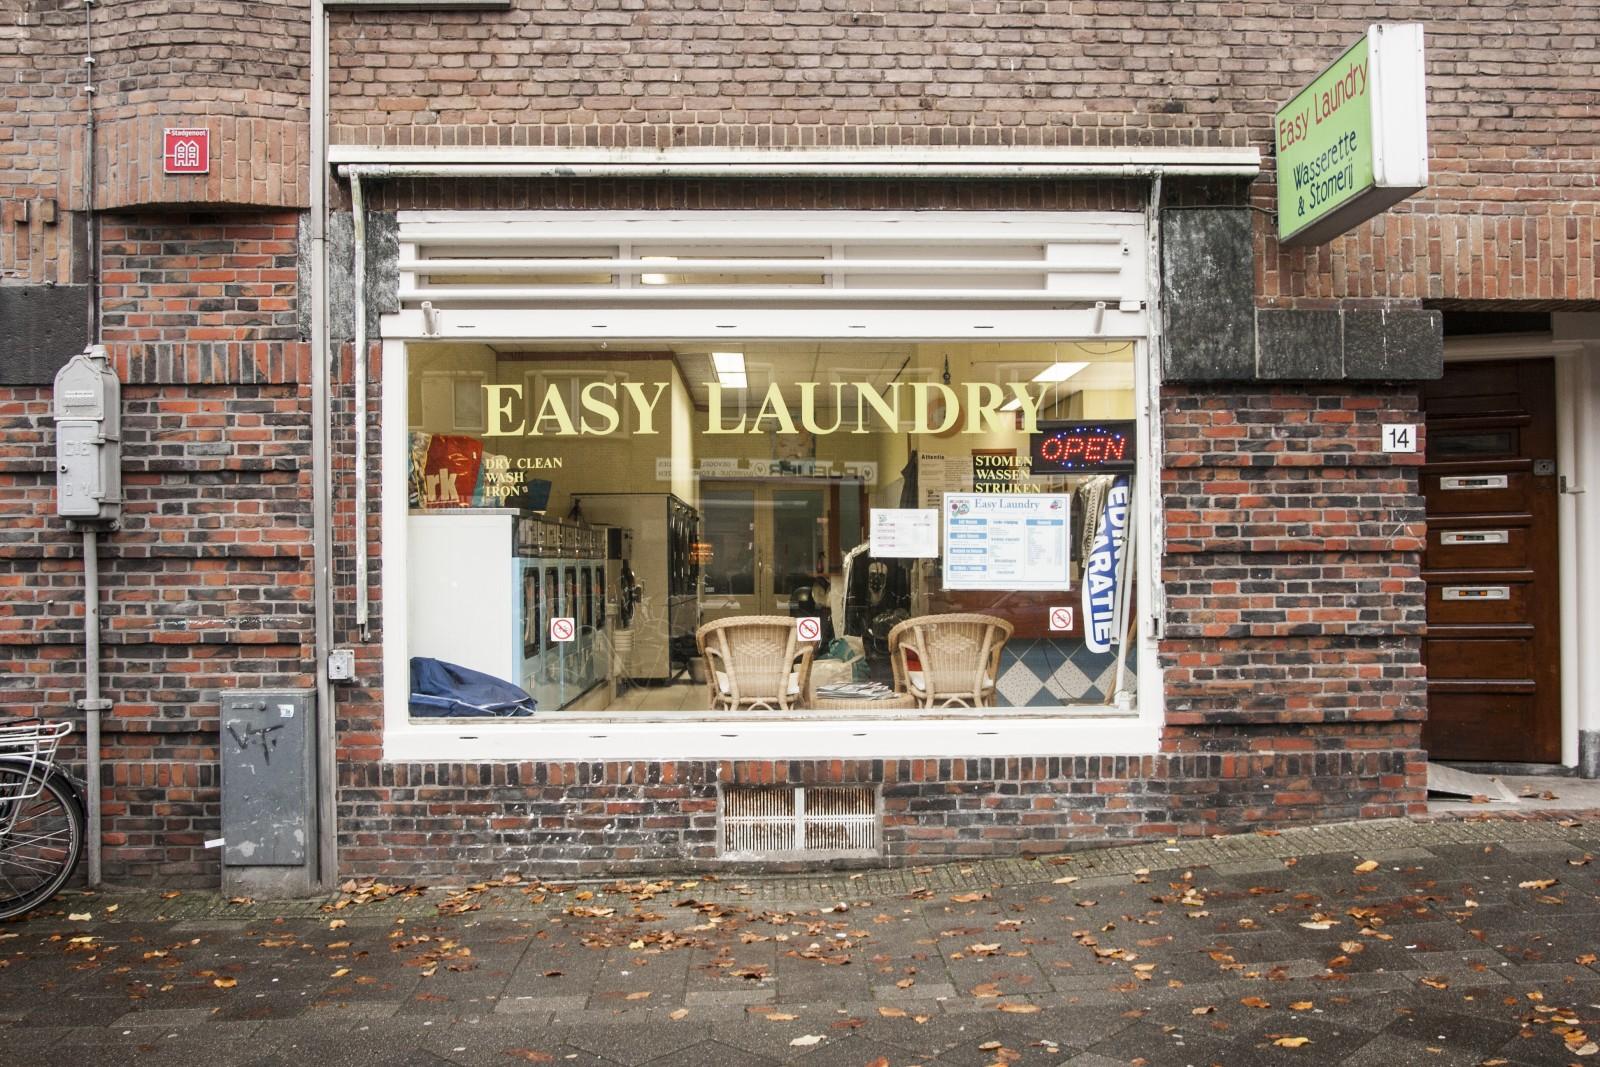 Easy Laundry